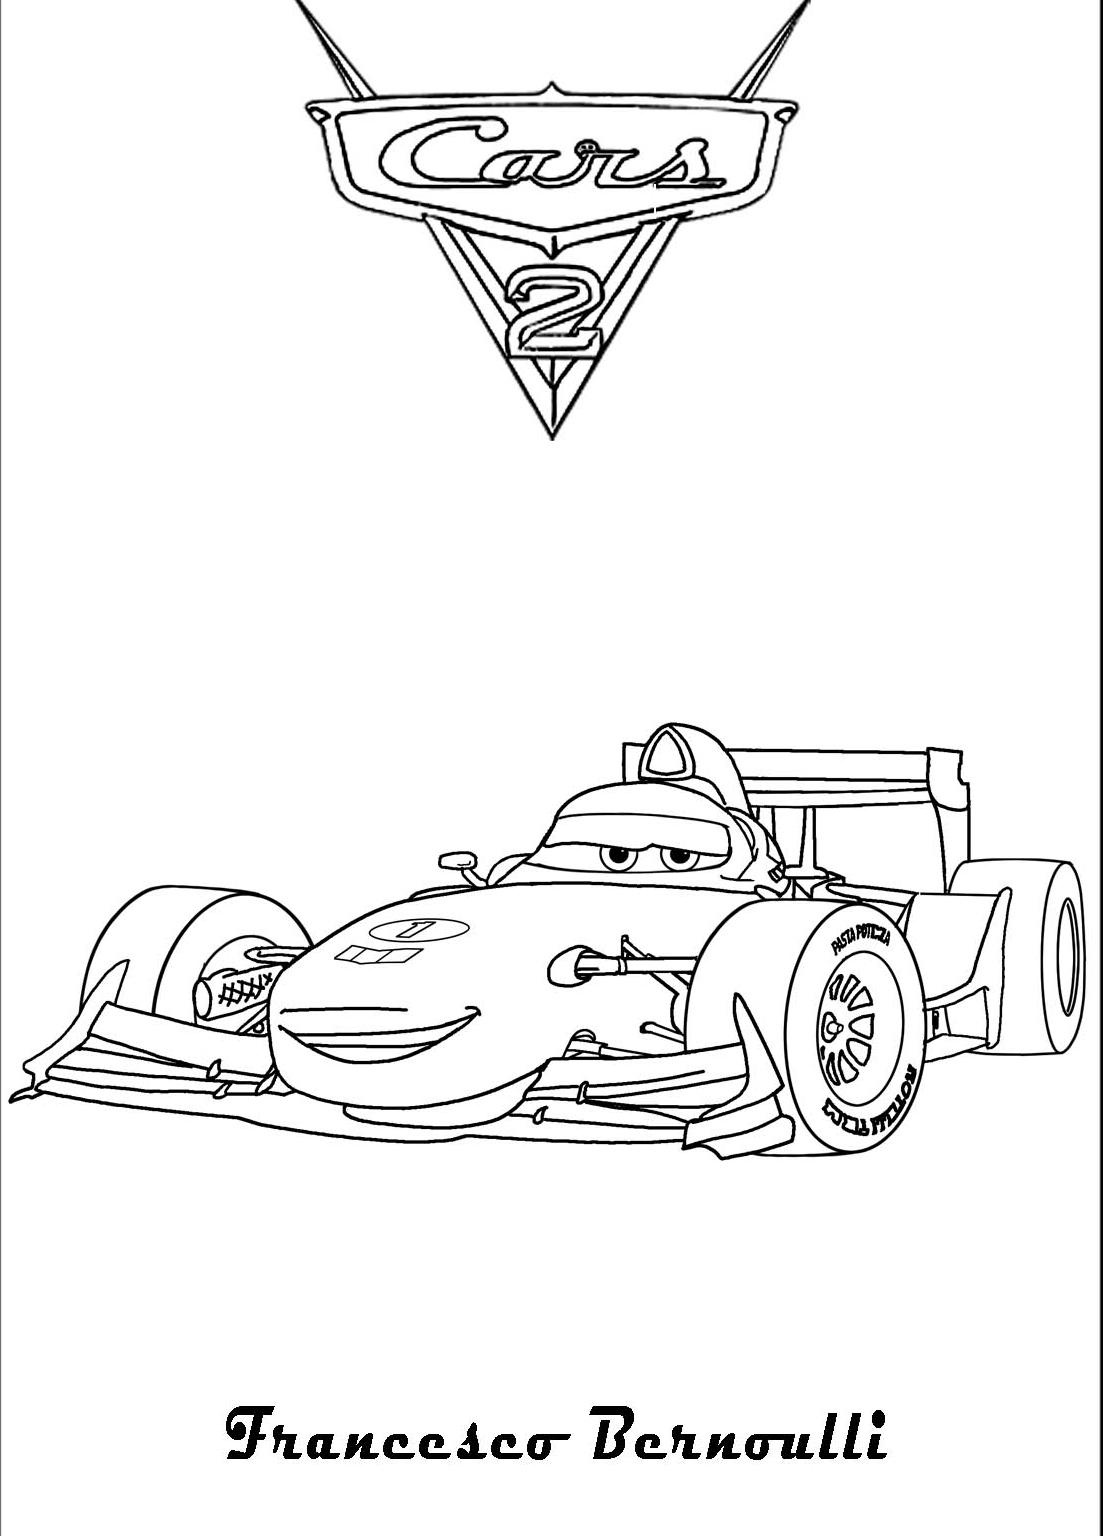 Francesco Bernoulli din Cars 2